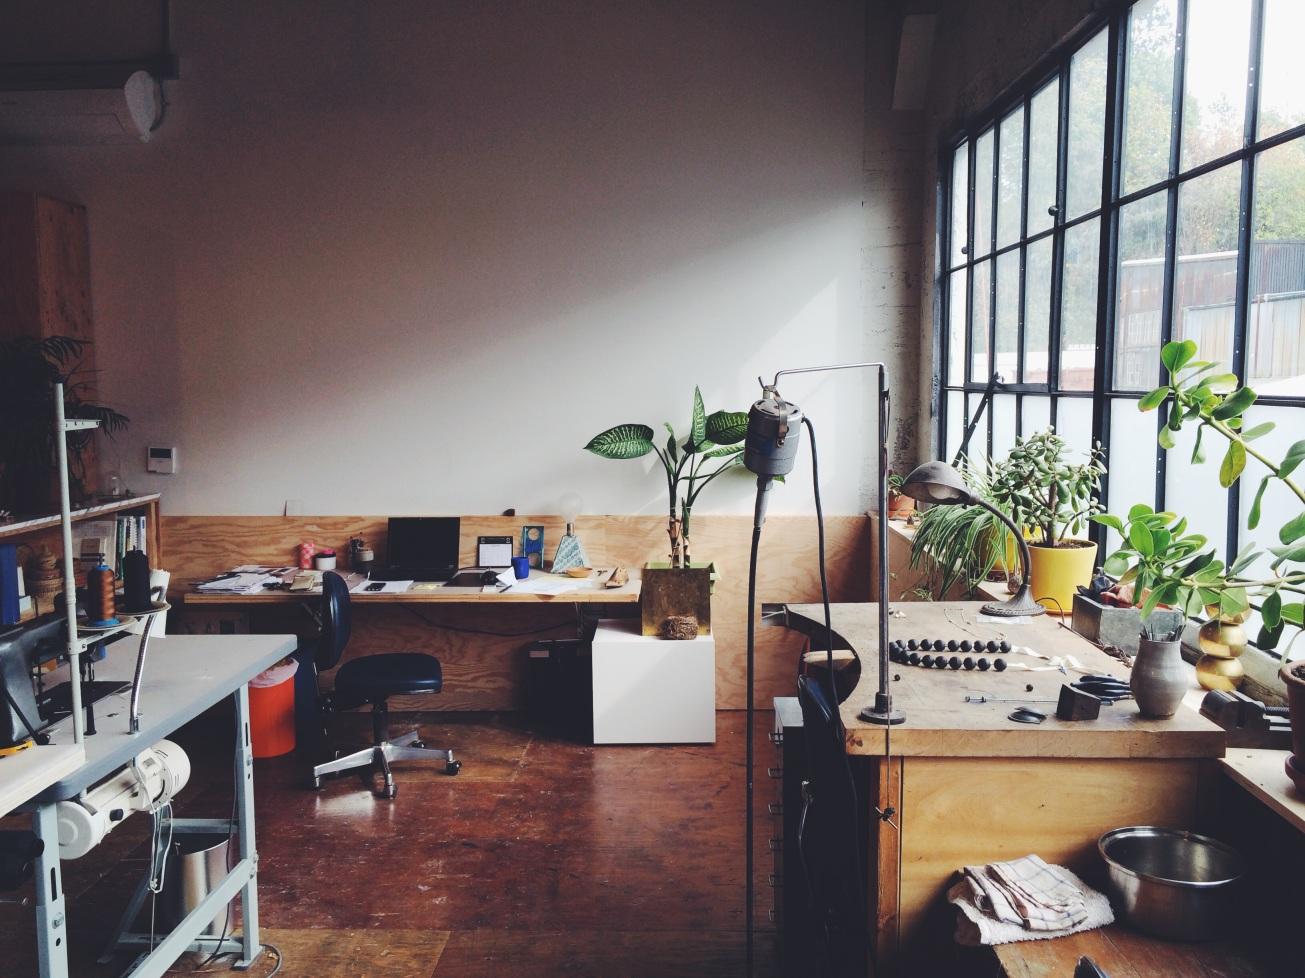 Sara Barner's studio